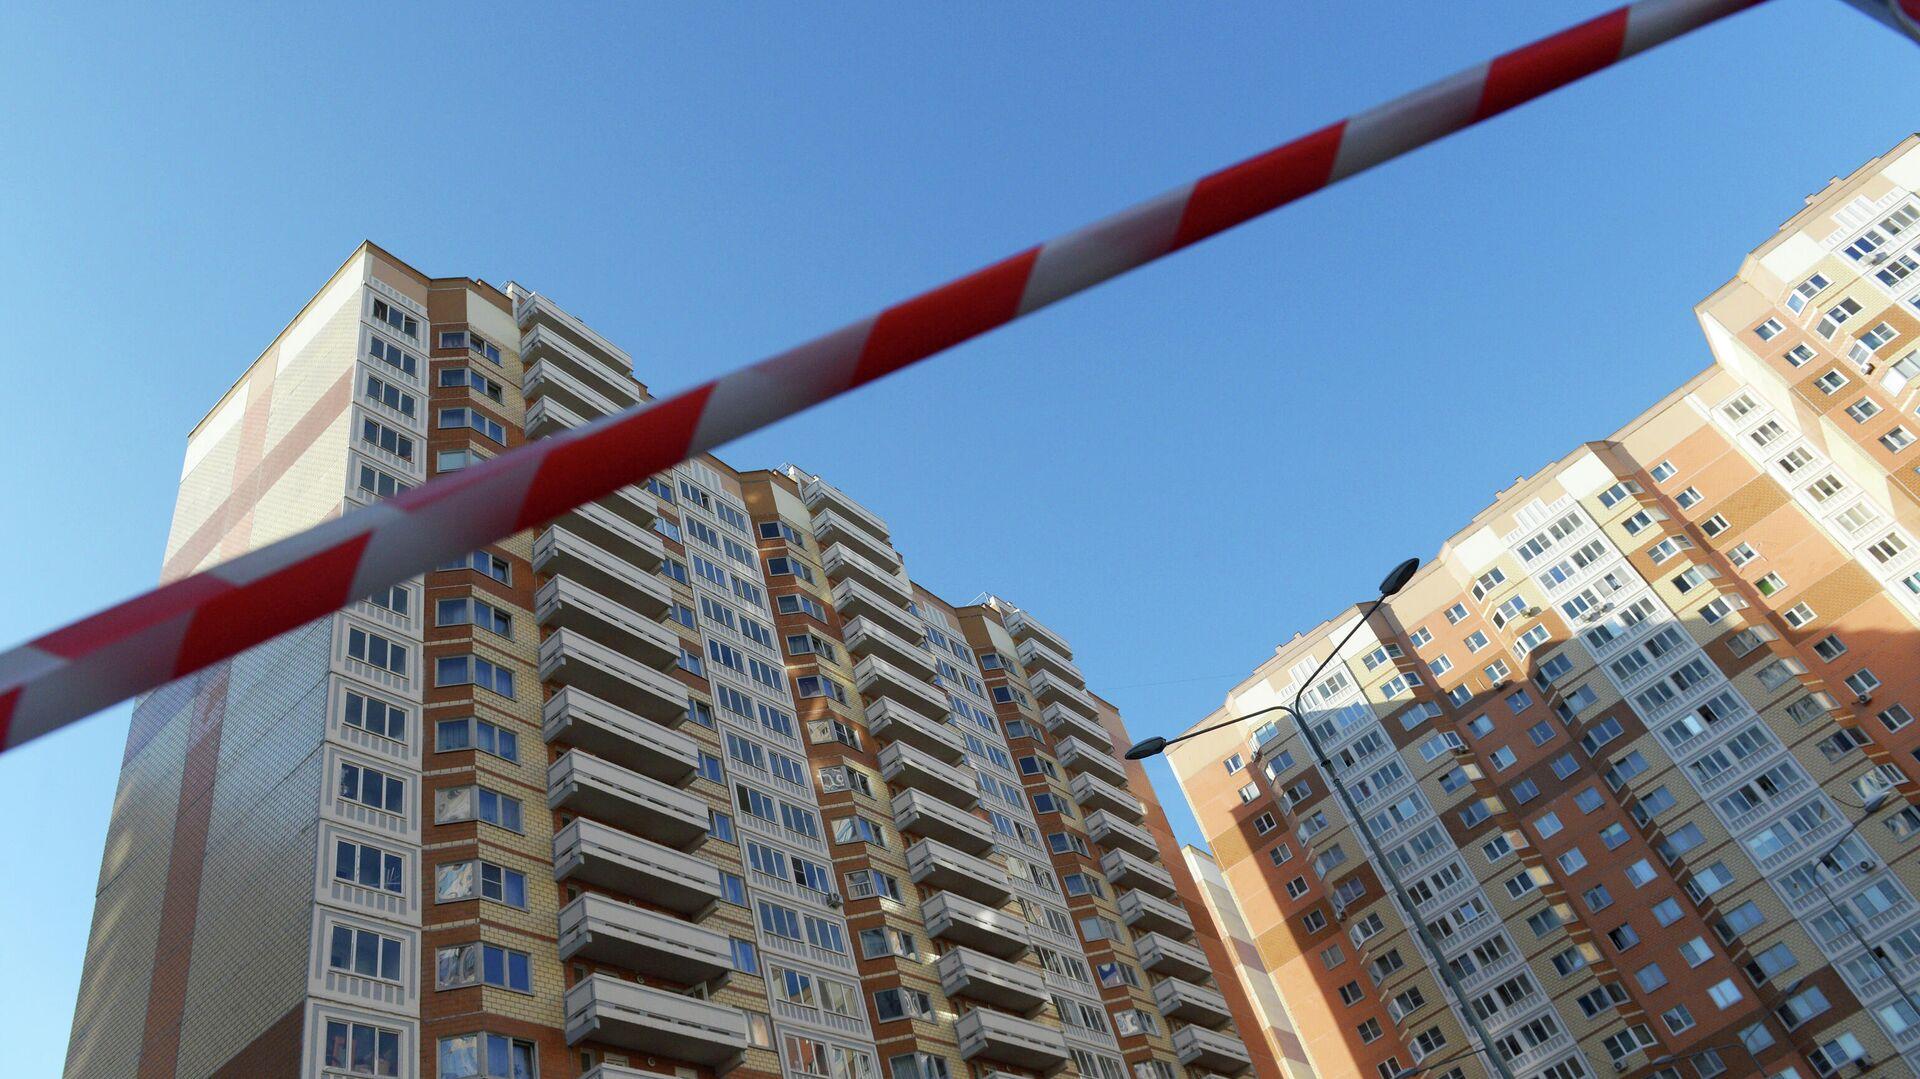 Жилой дом на улице Левобережной в Москве, где были обнаружены тела женщины и двух детей - РИА Новости, 1920, 11.10.2021